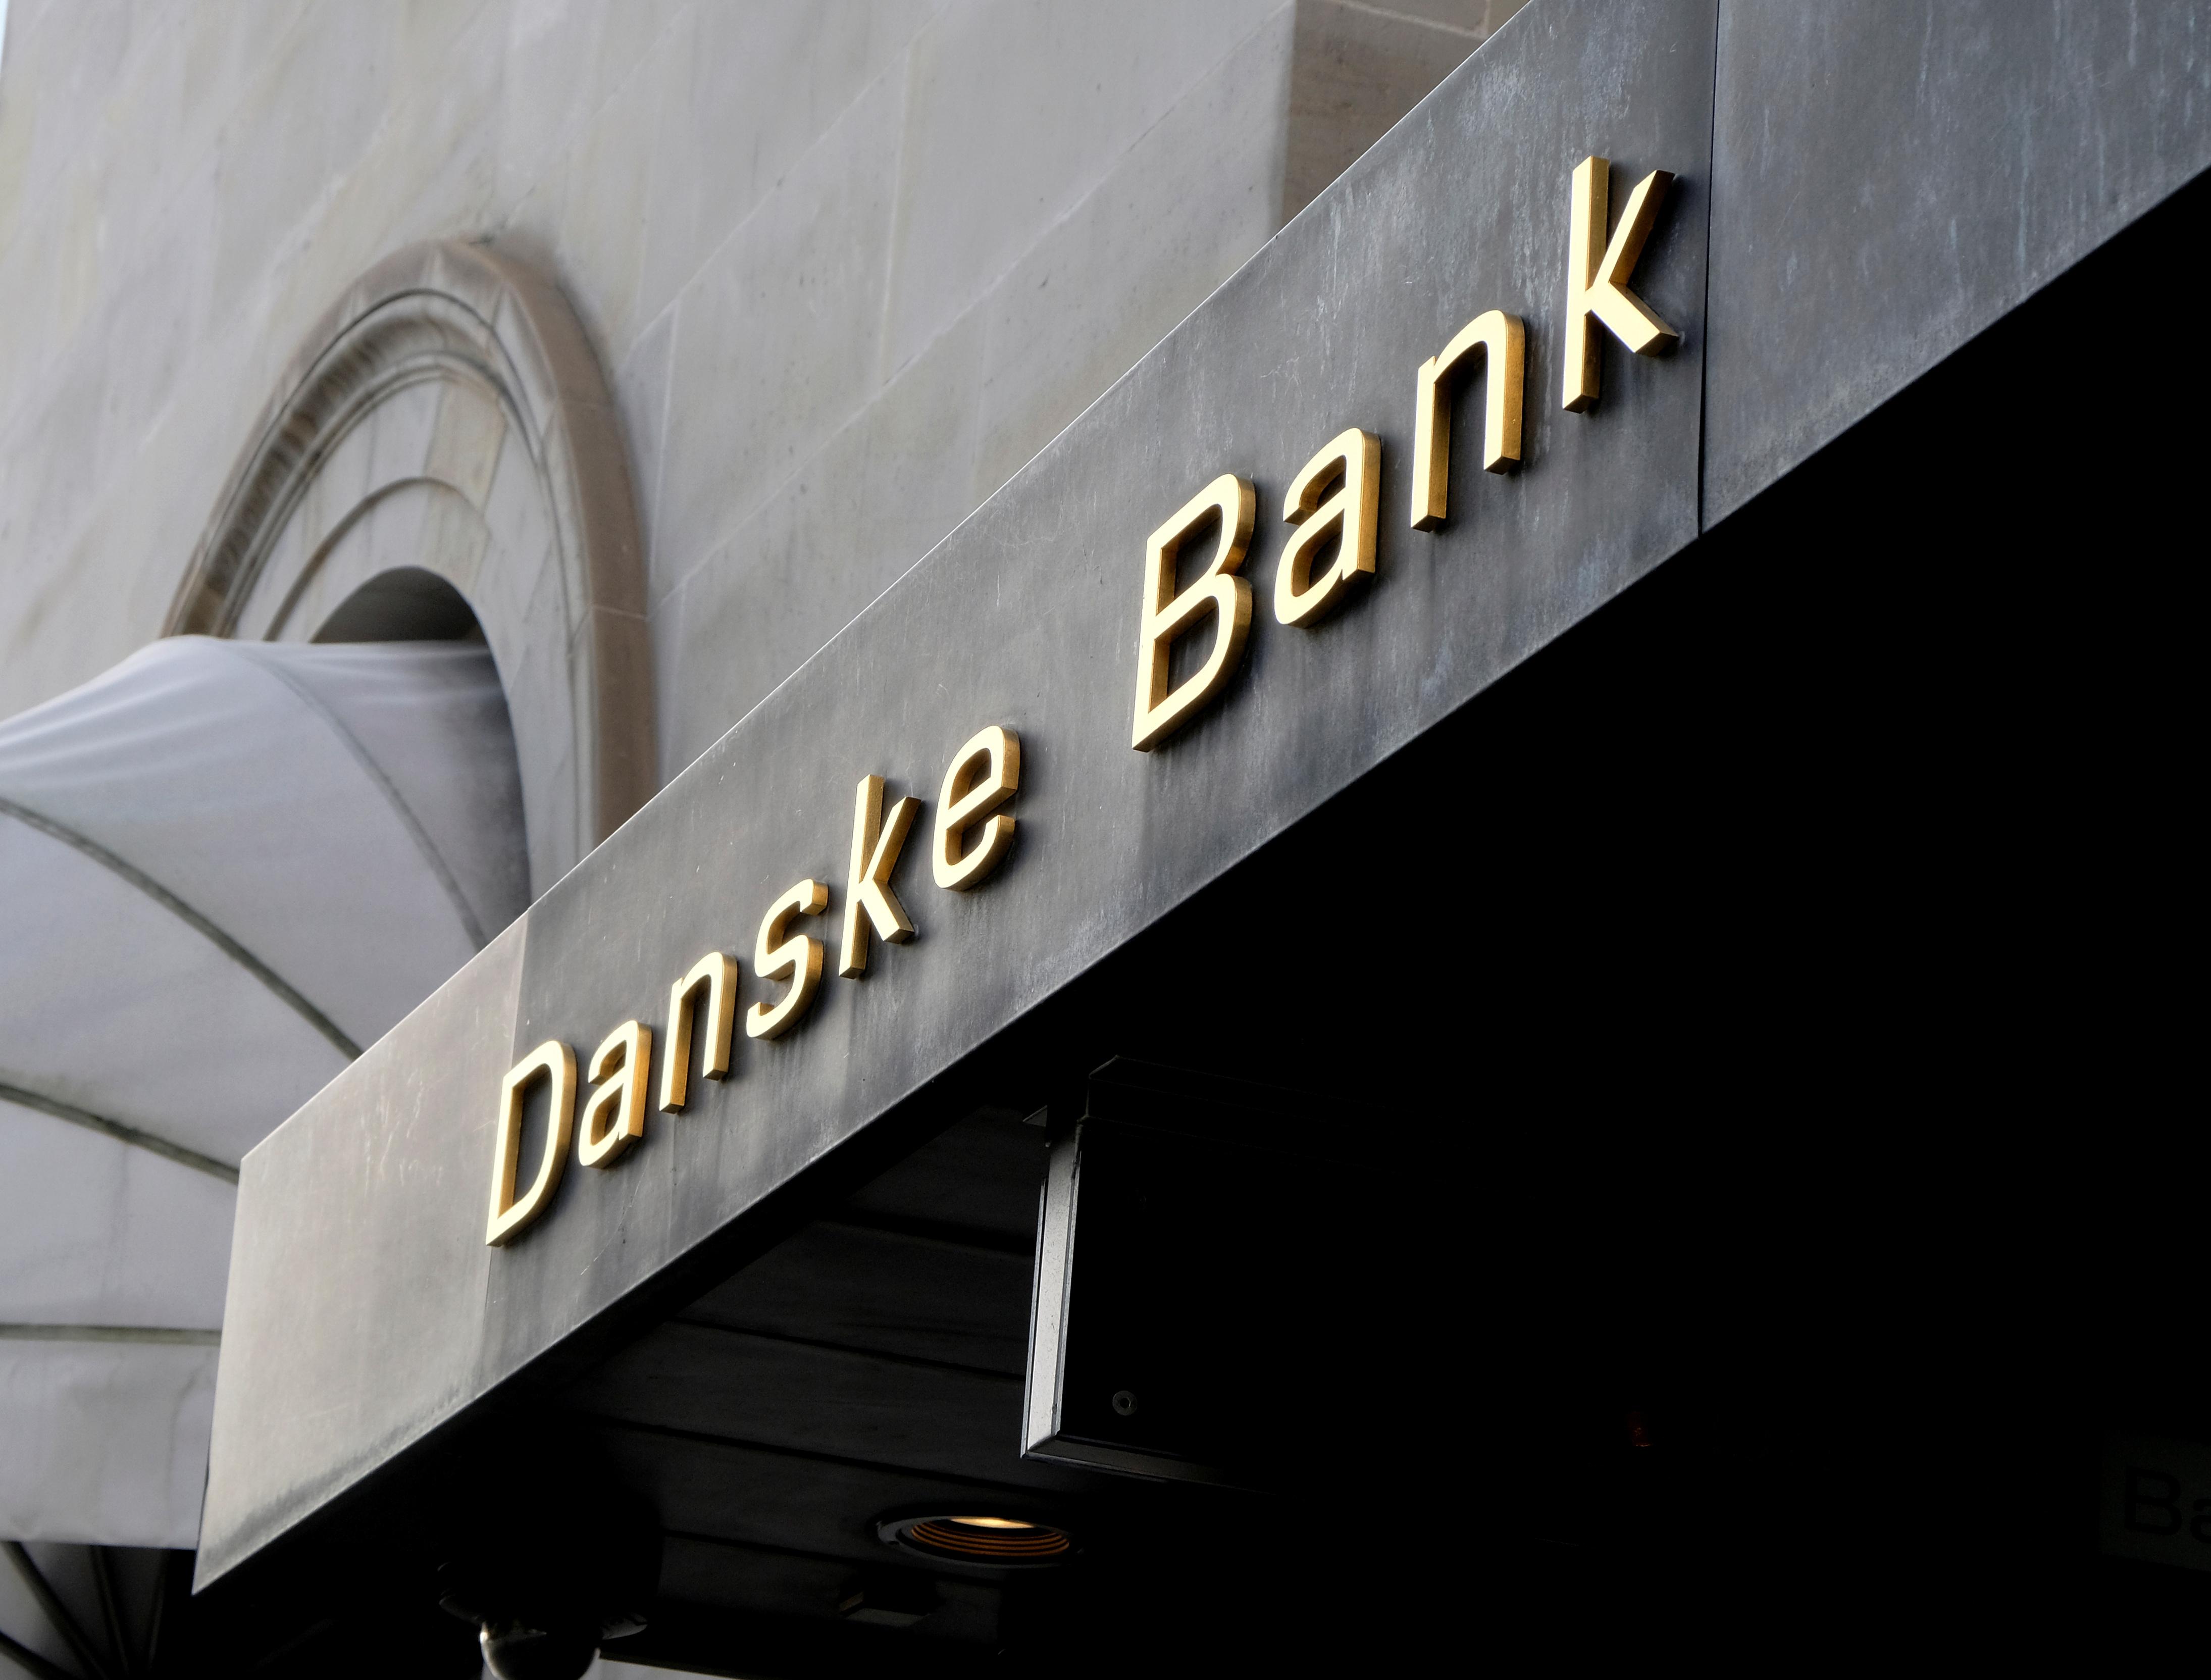 A Danske bank sign is seen on a bank's headquarters in Copenhagen, Denmark October 22, 2019. REUTERS/Nikolaj Skydsgaard